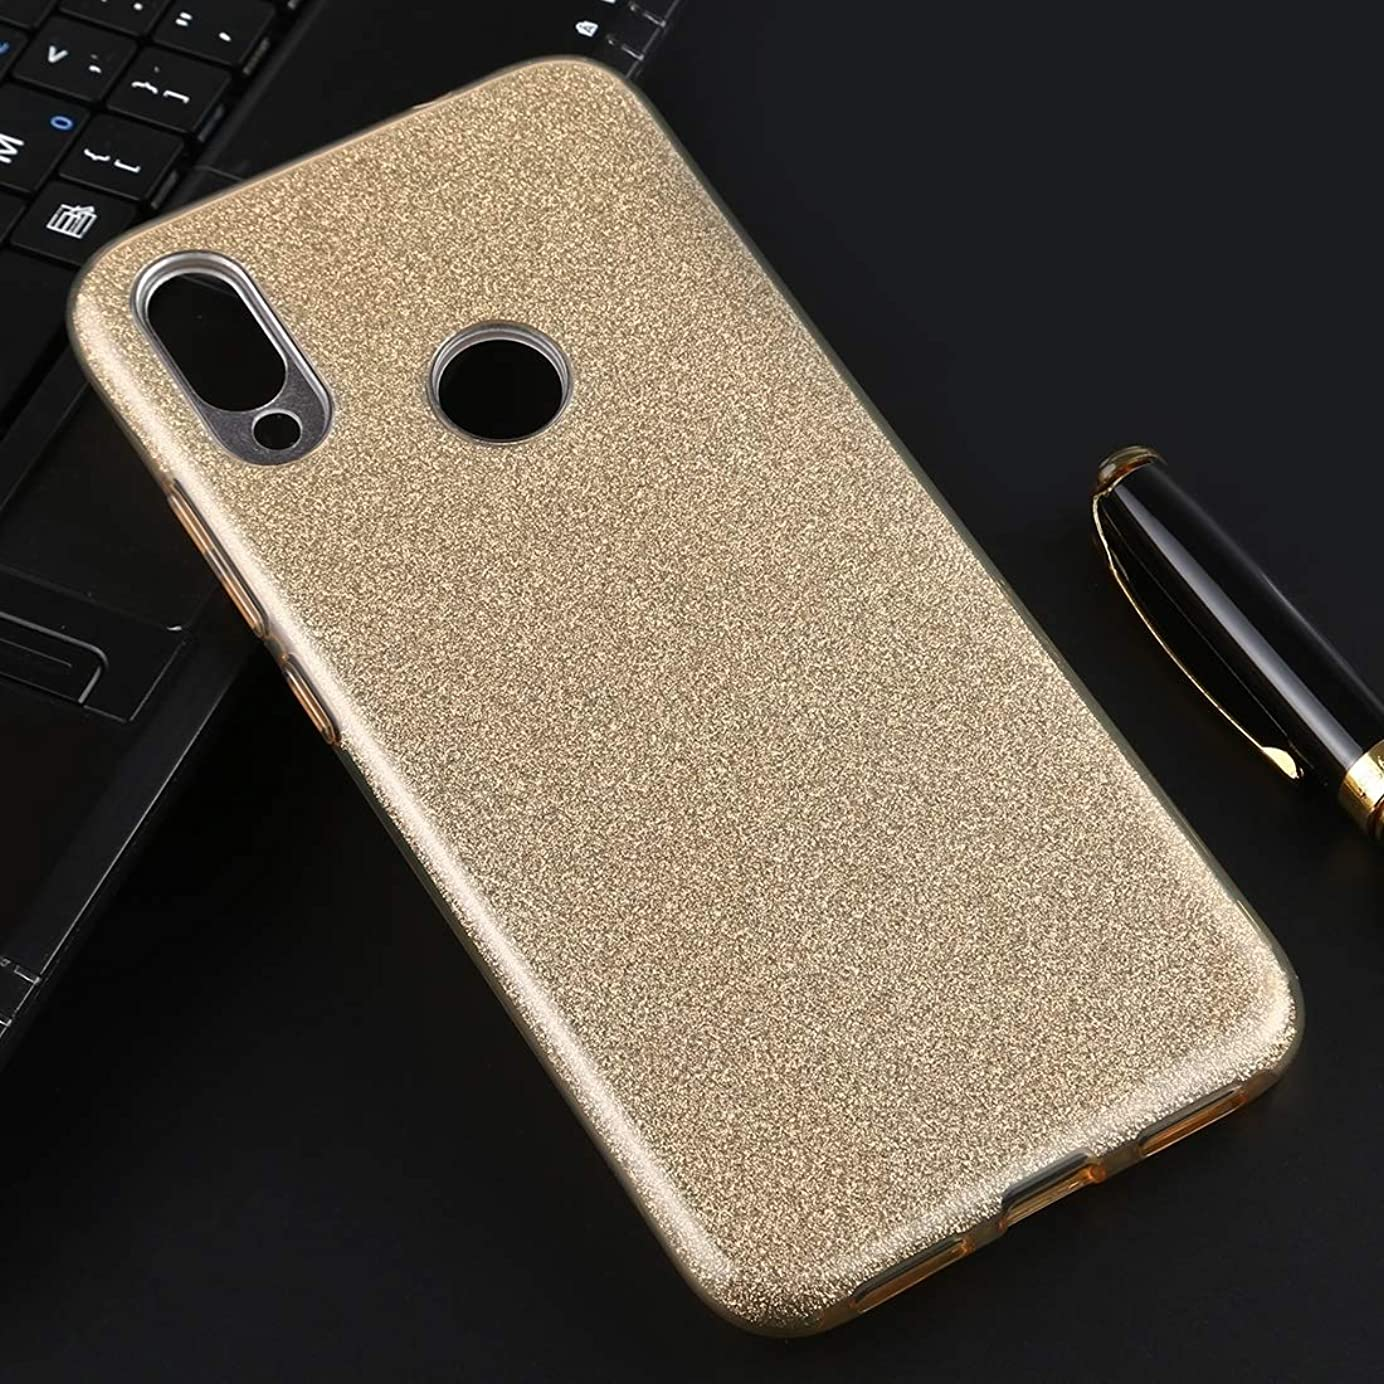 真剣にびっくりした商品小米科技Redmi注7フルカバレッジTPU + PCキラキラパウダーの保護バックケース用 brand:TONWIN (Color : Gold)